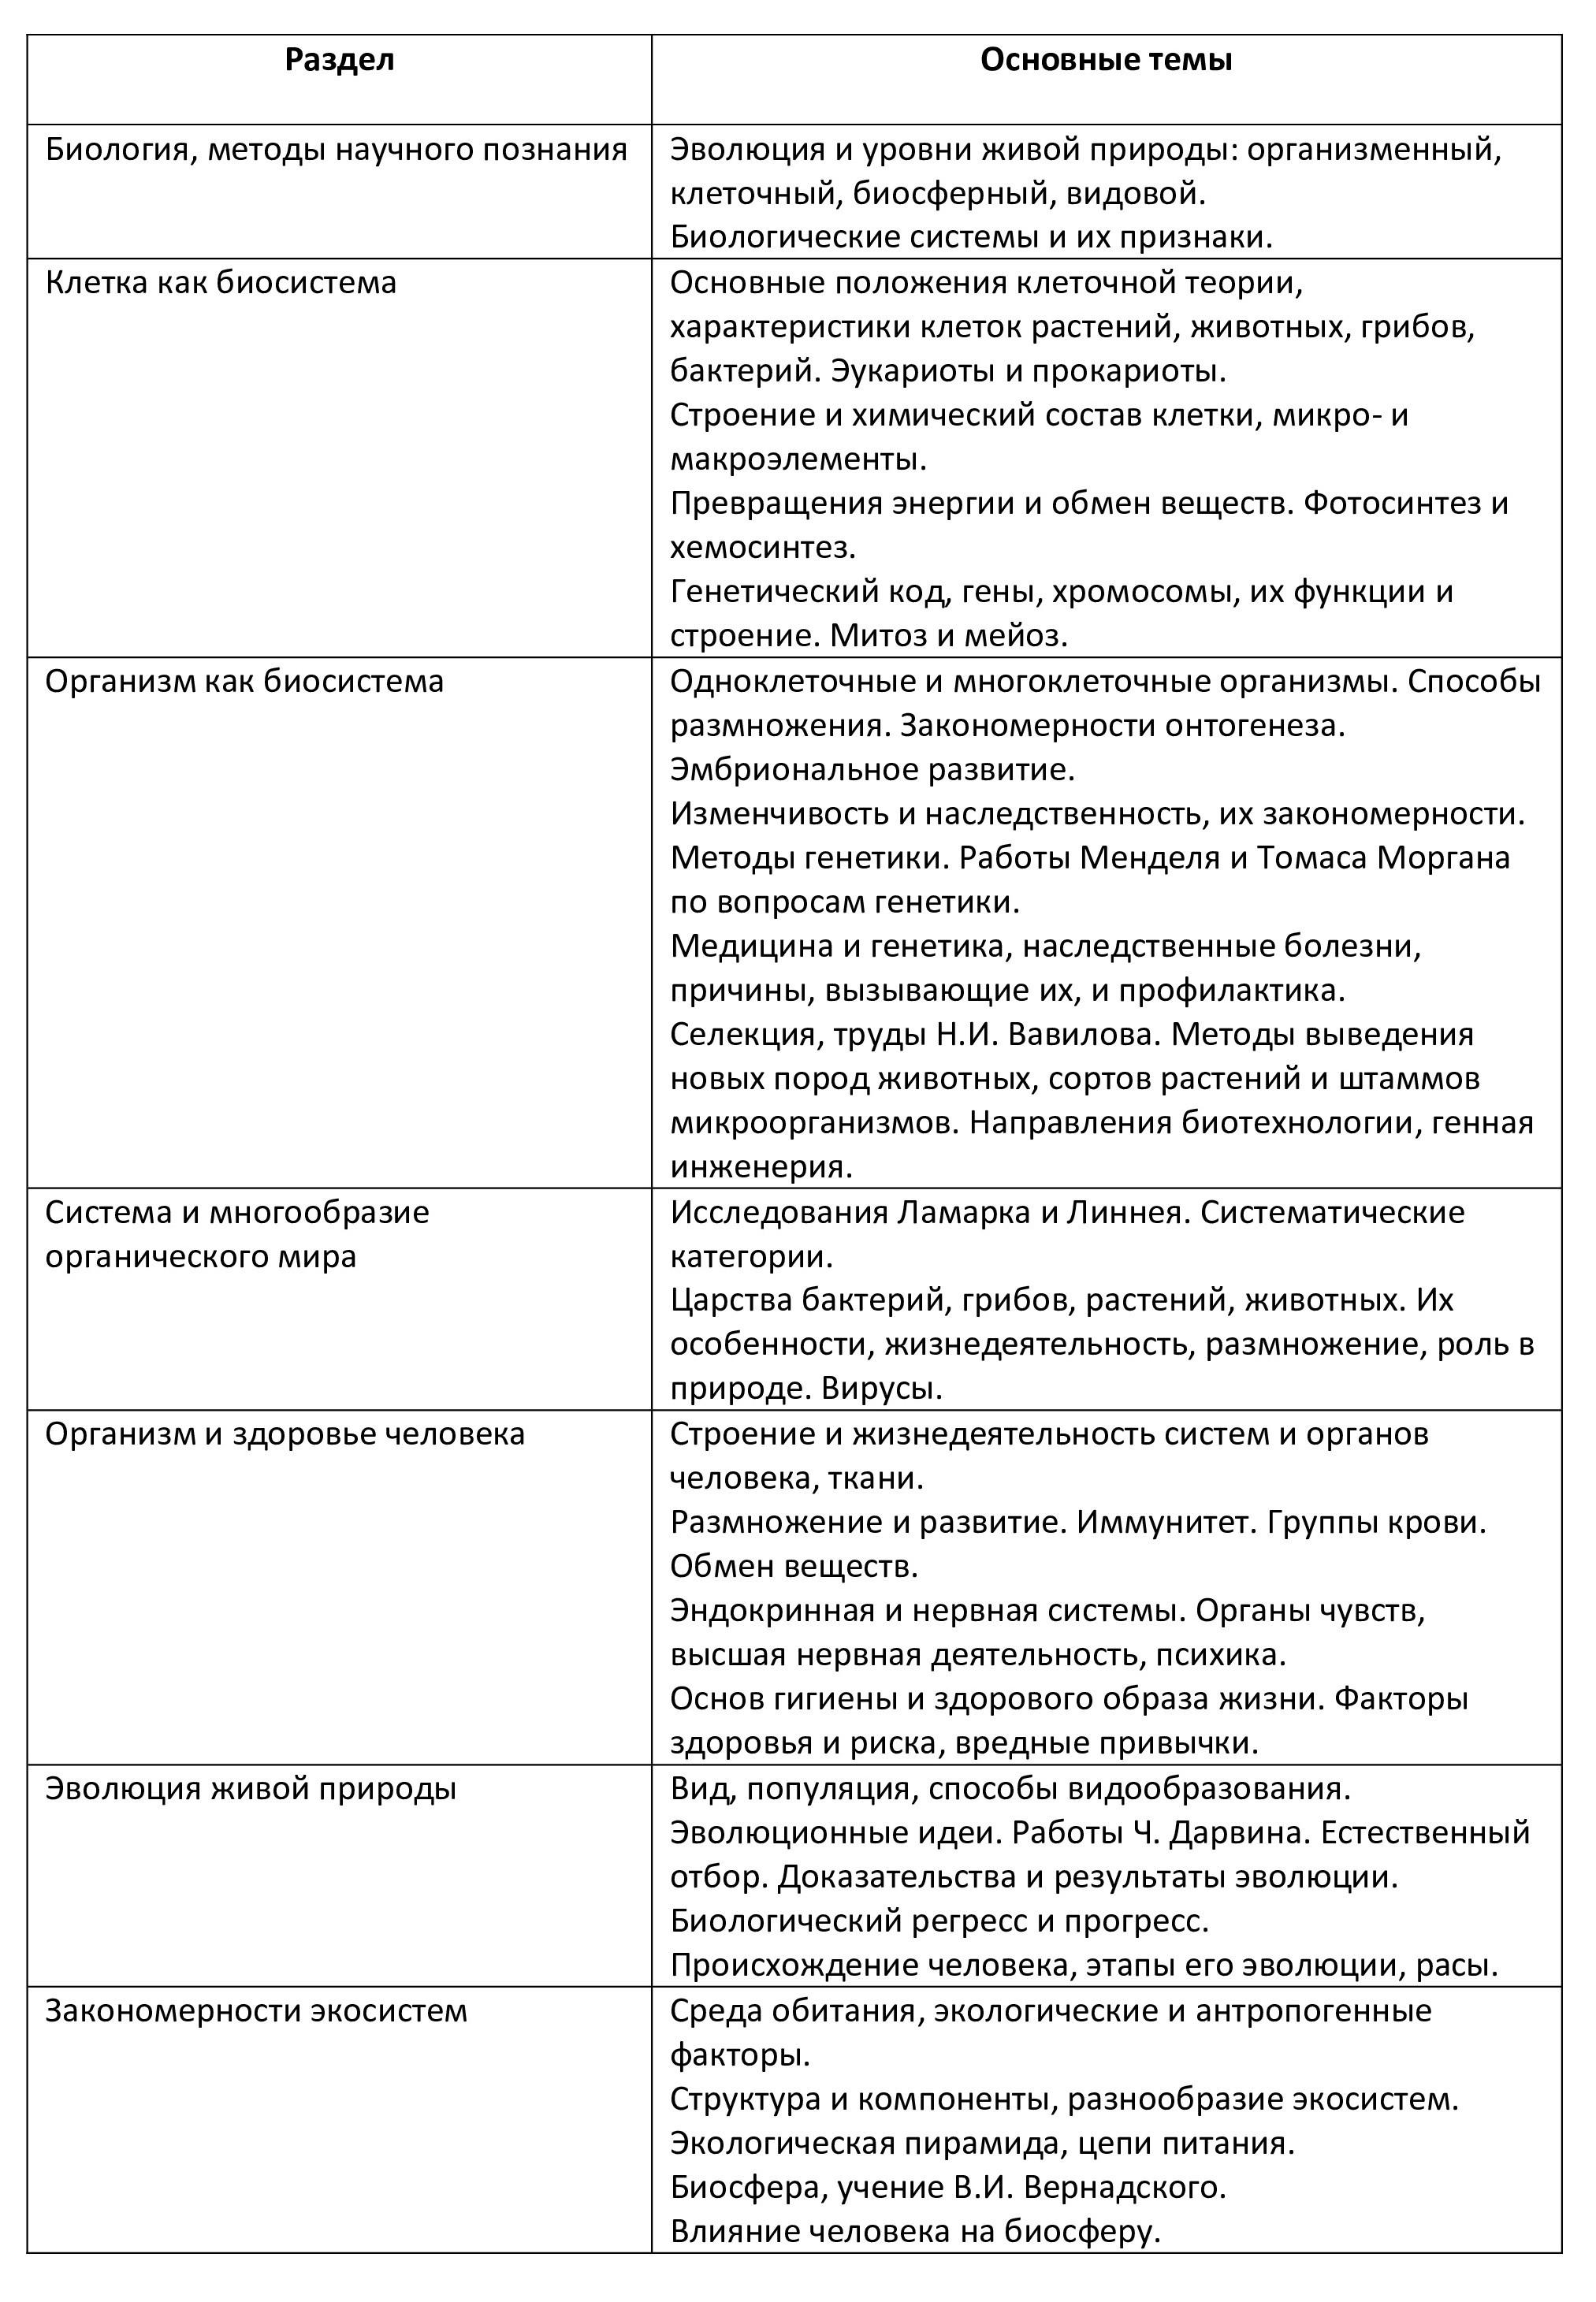 Разделы биологии и основные темы перечисленные в кодификаторе